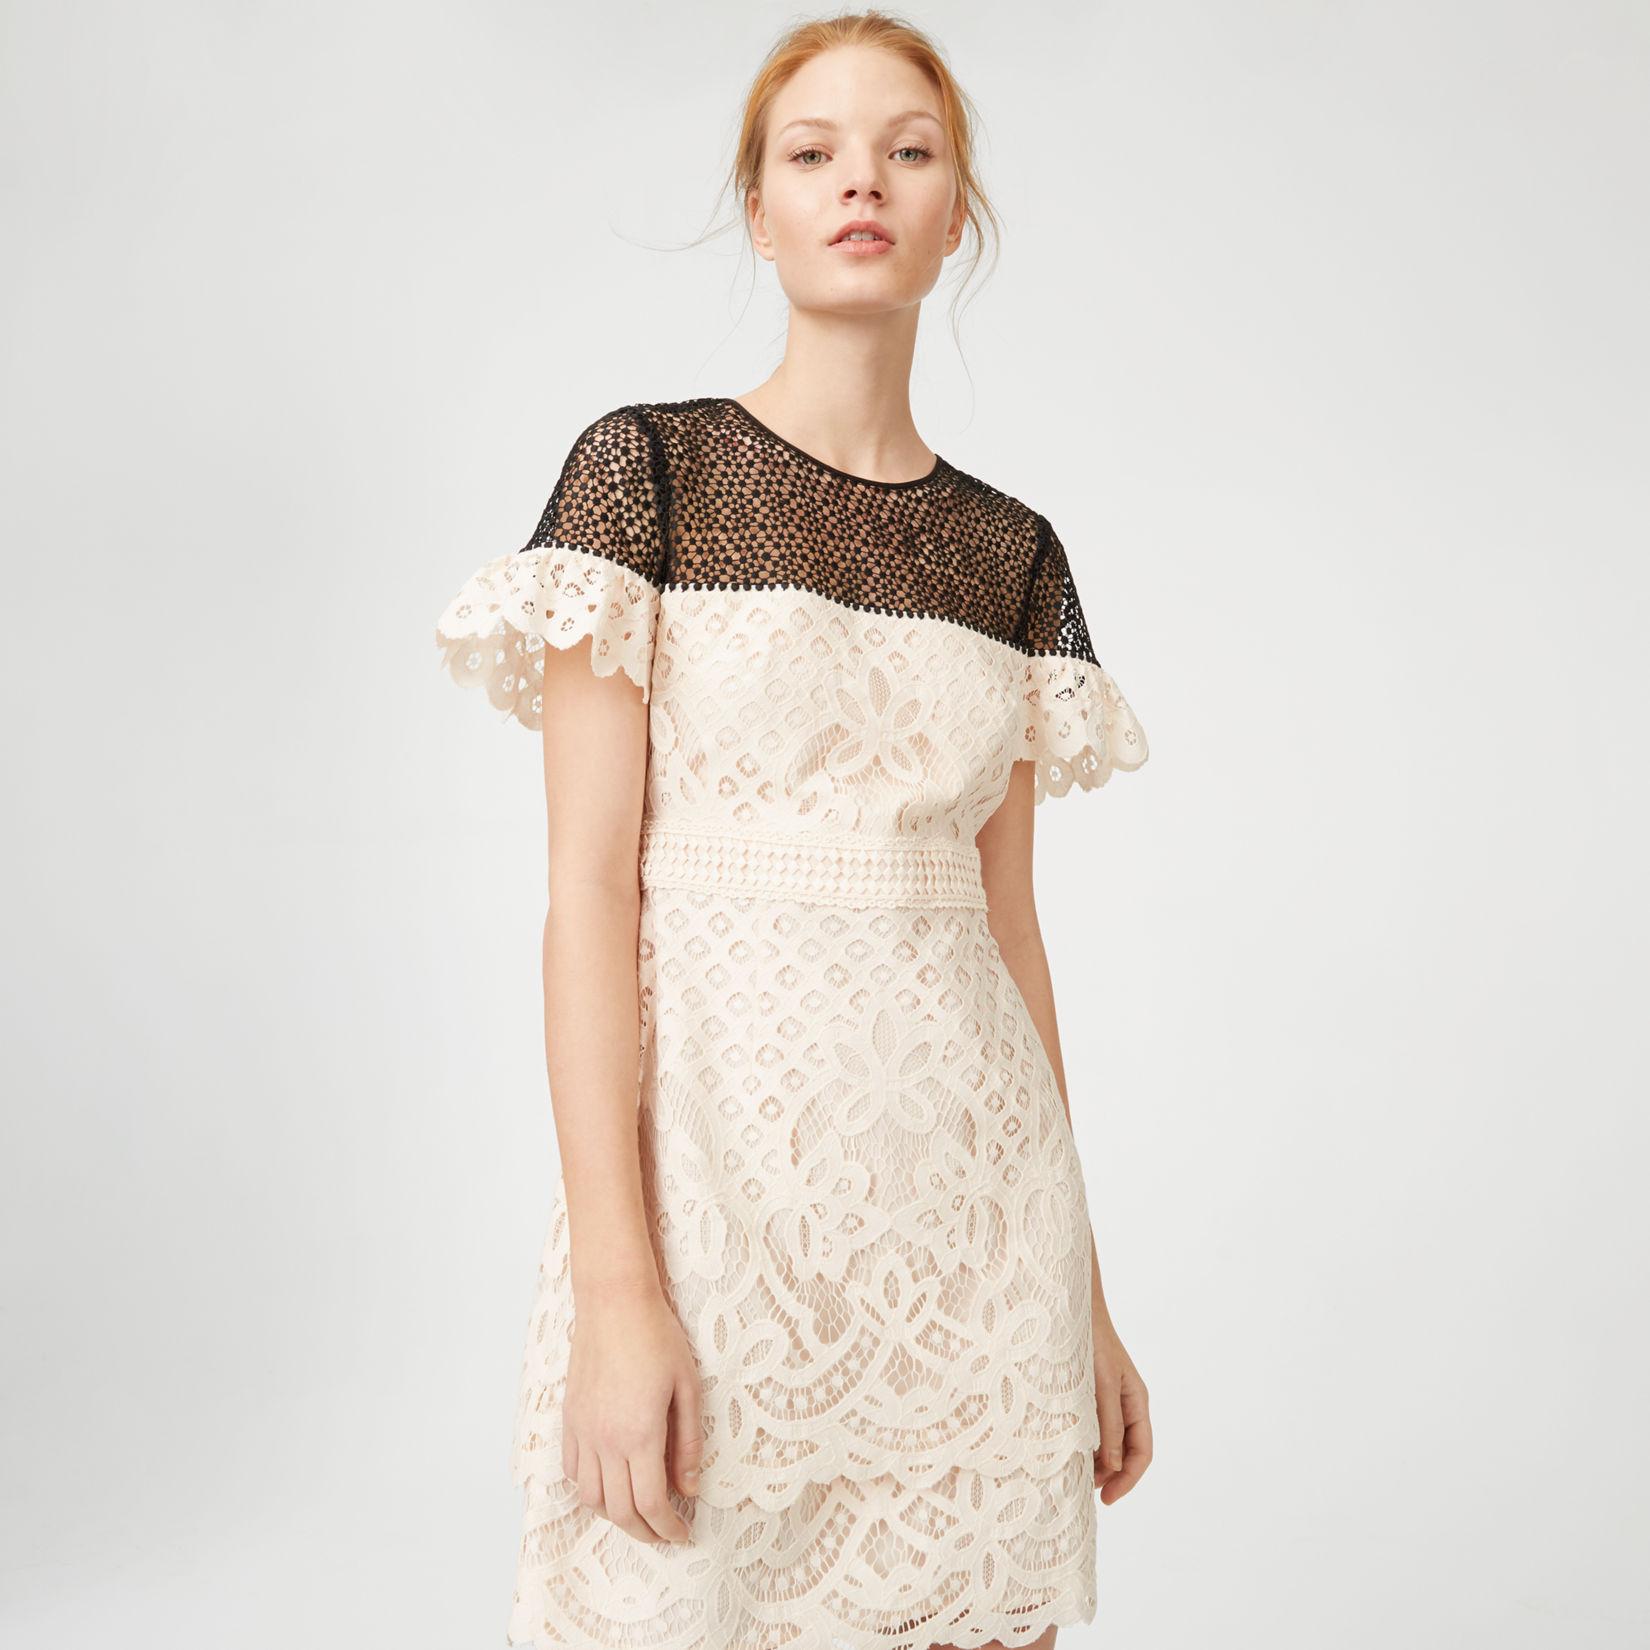 Großartig Lace Dress Cocktail Galerie - Brautkleider Ideen ...